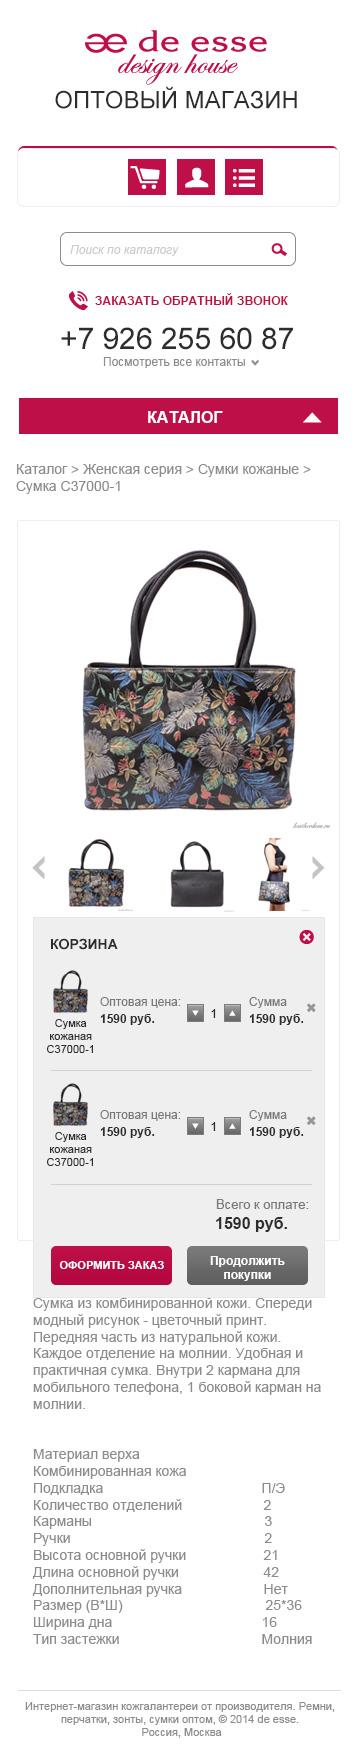 Интернет магазин кожгалантереи De Esse мобильная версия - Всплывающая корзина